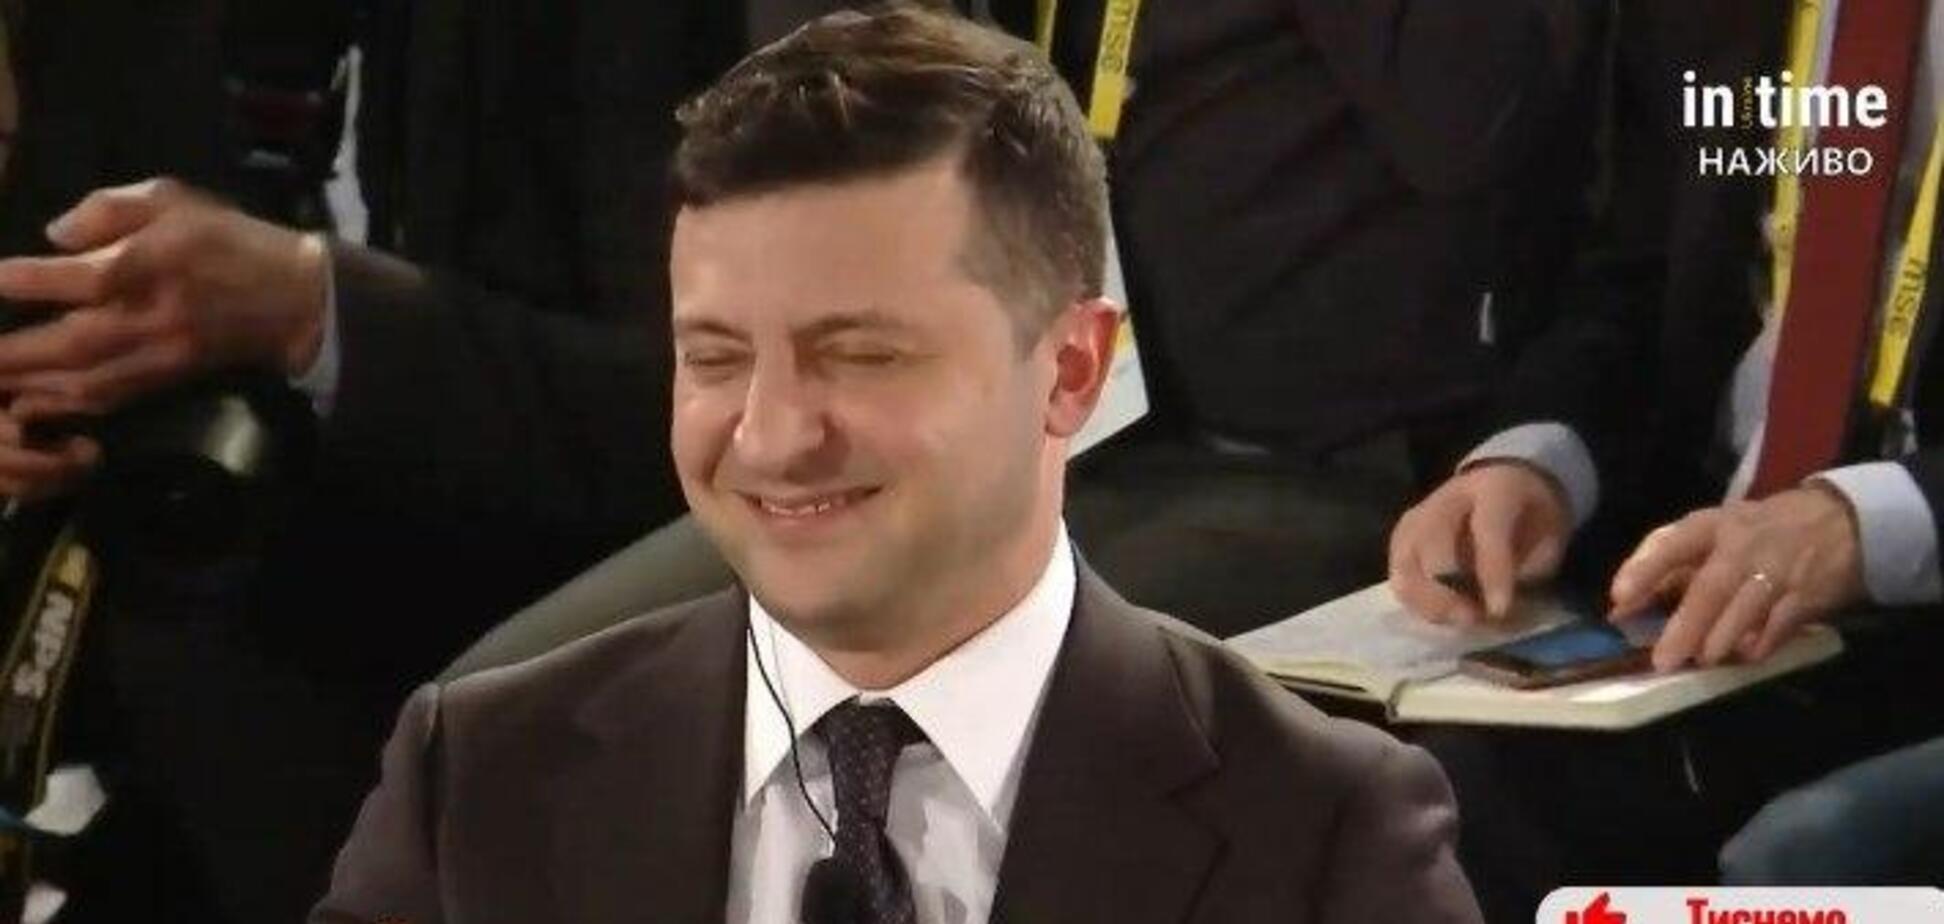 Зеленський 'підірвав' зал в Мюнхені жартом про імпічмент Трампа та Україну. Фото й відео